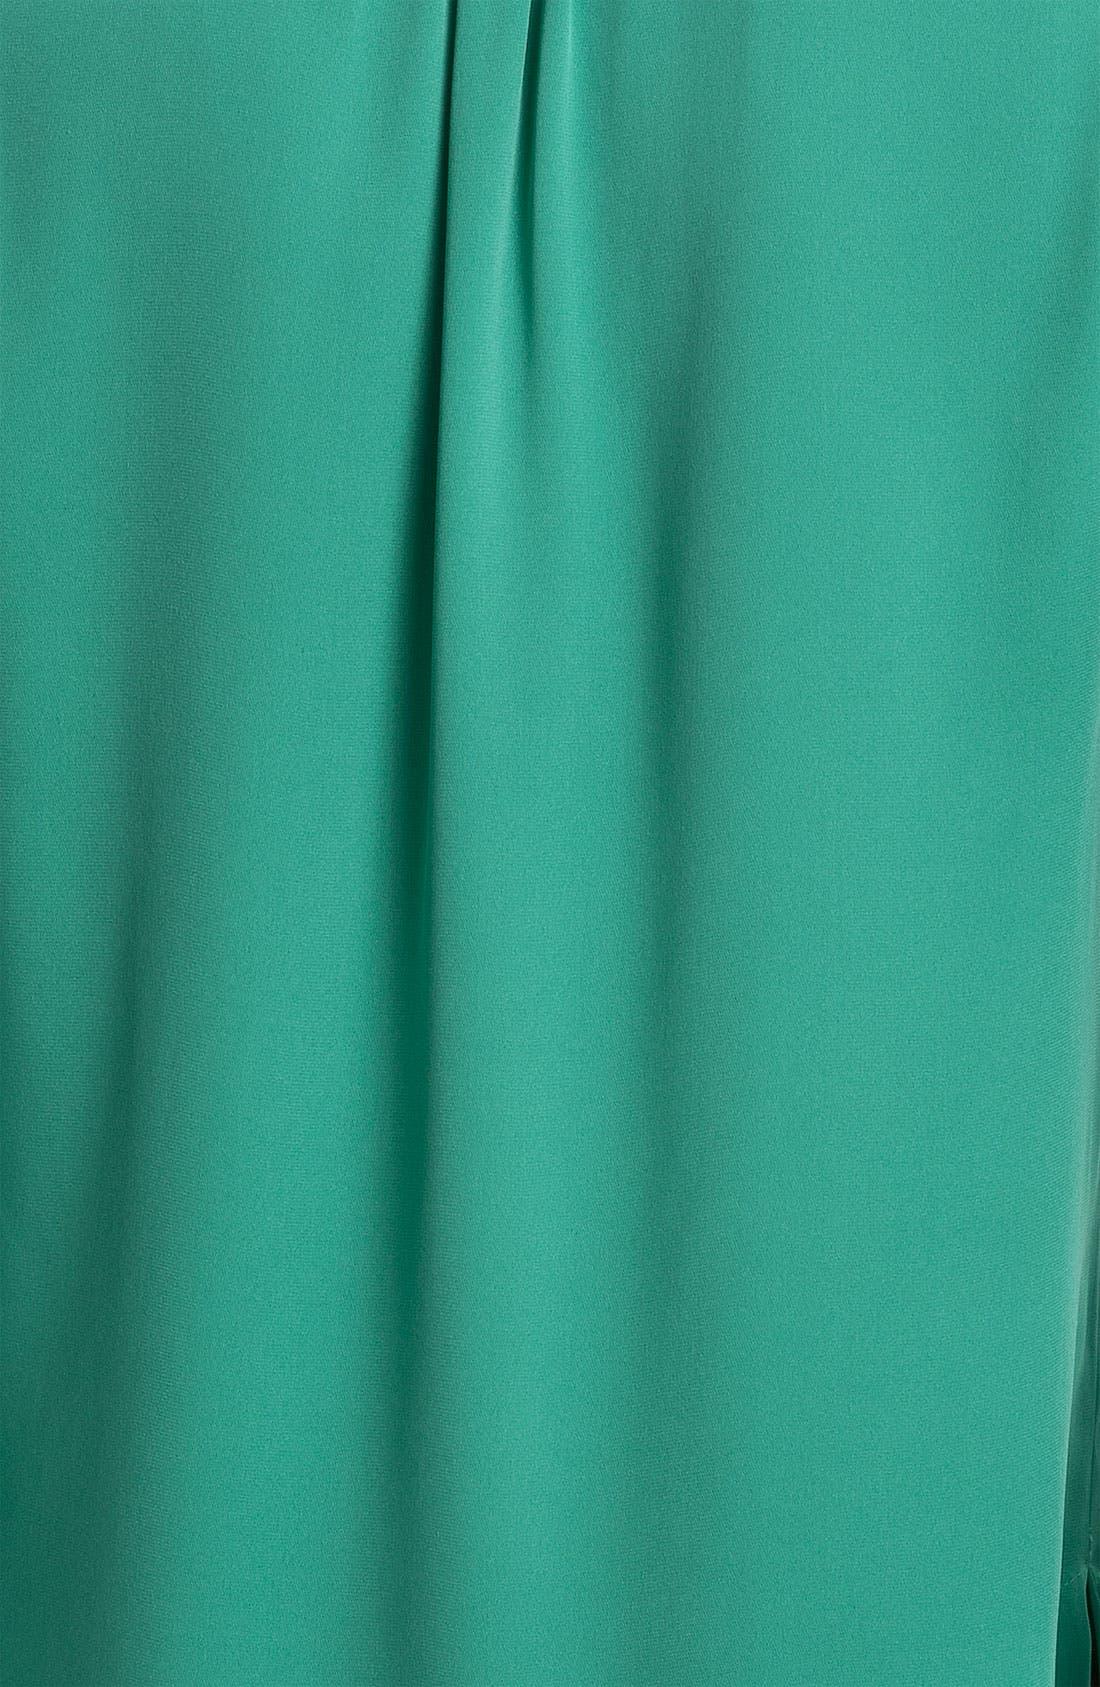 Alternate Image 3  - Diane von Furstenberg 'Billow' Silk Blouse